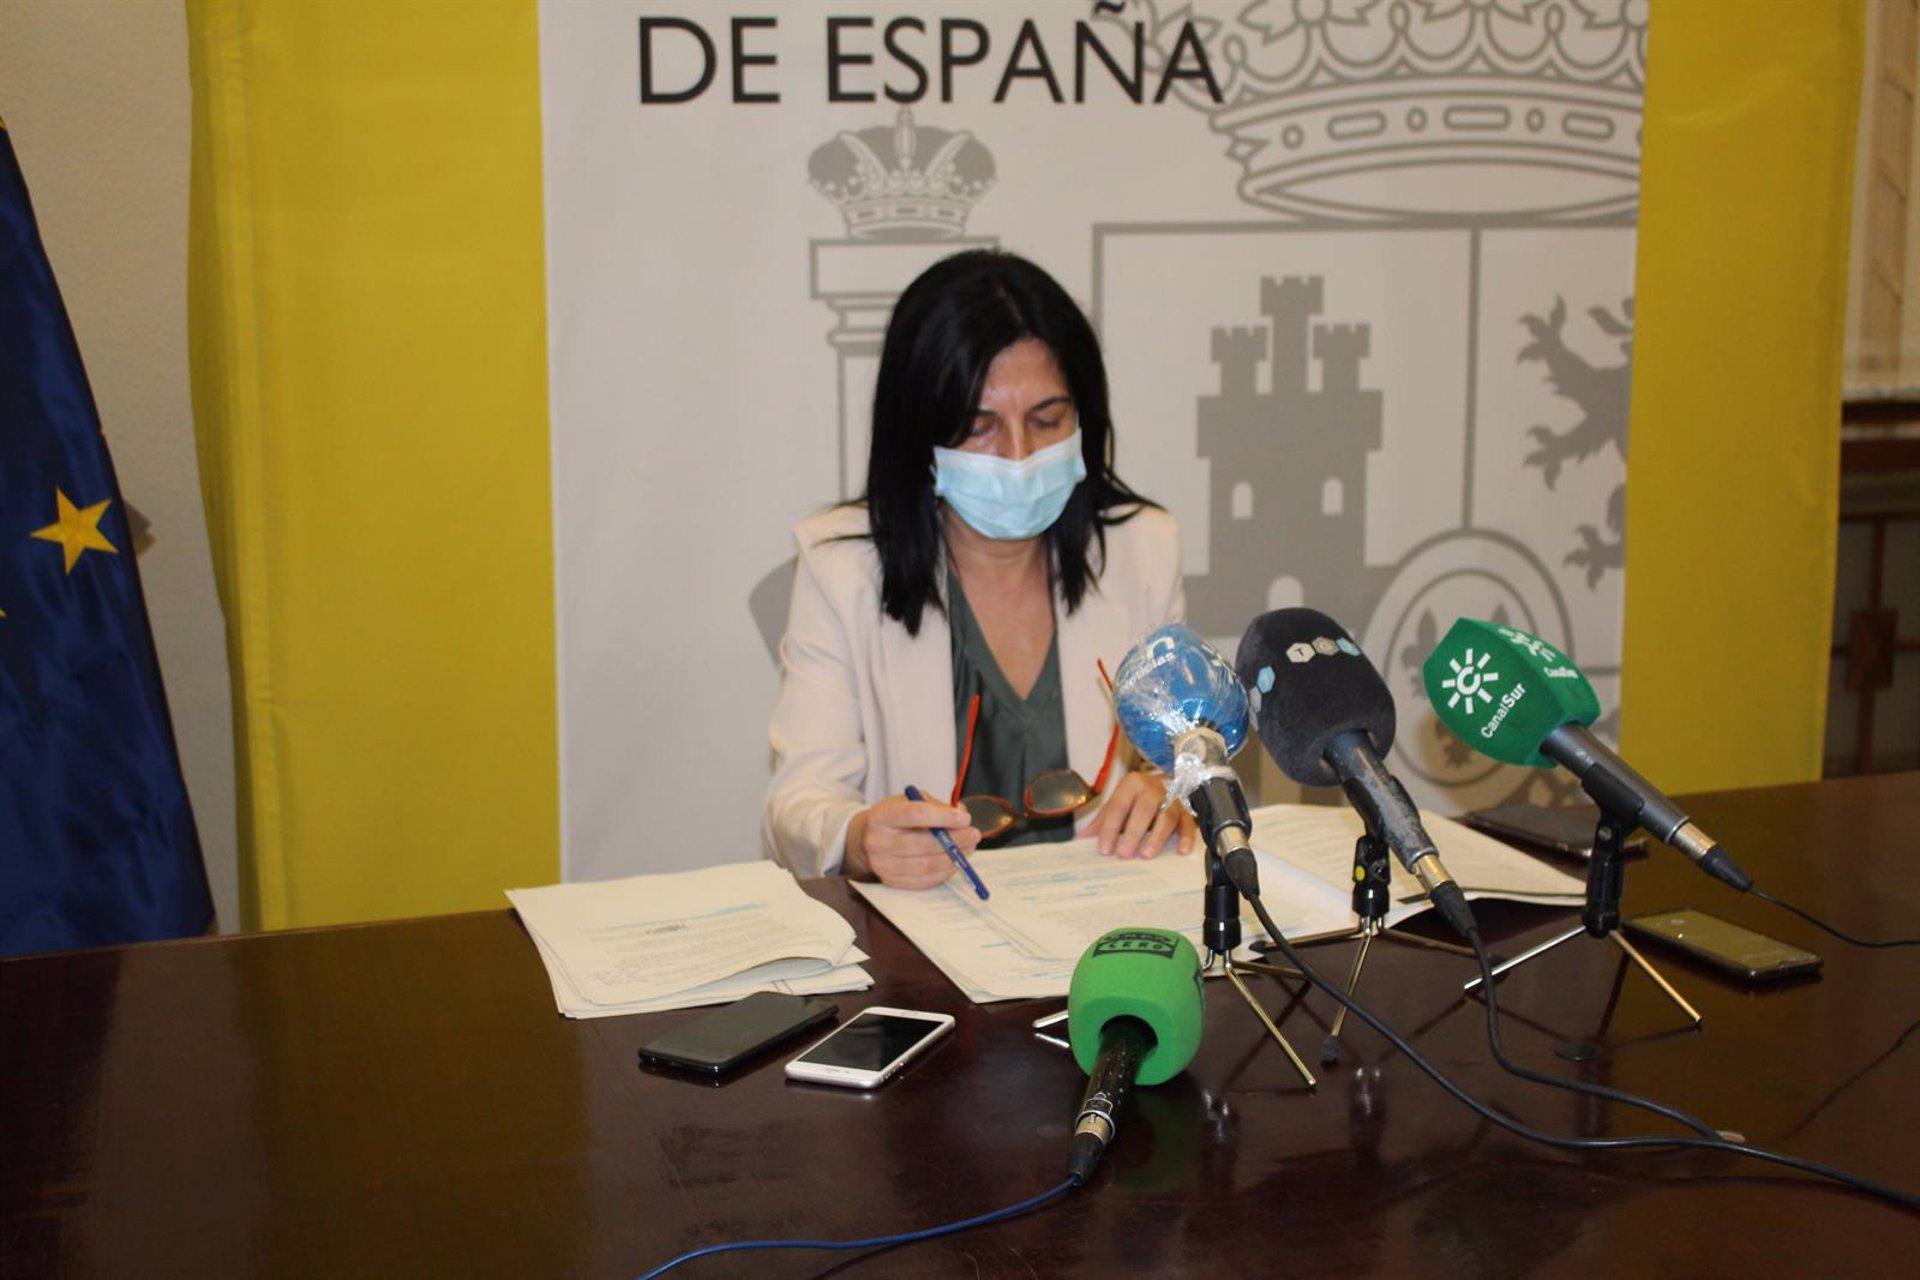 La subdelegada del Gobierno dice que los inmigrantes llegados de Canarias son «libres» para moverse por España